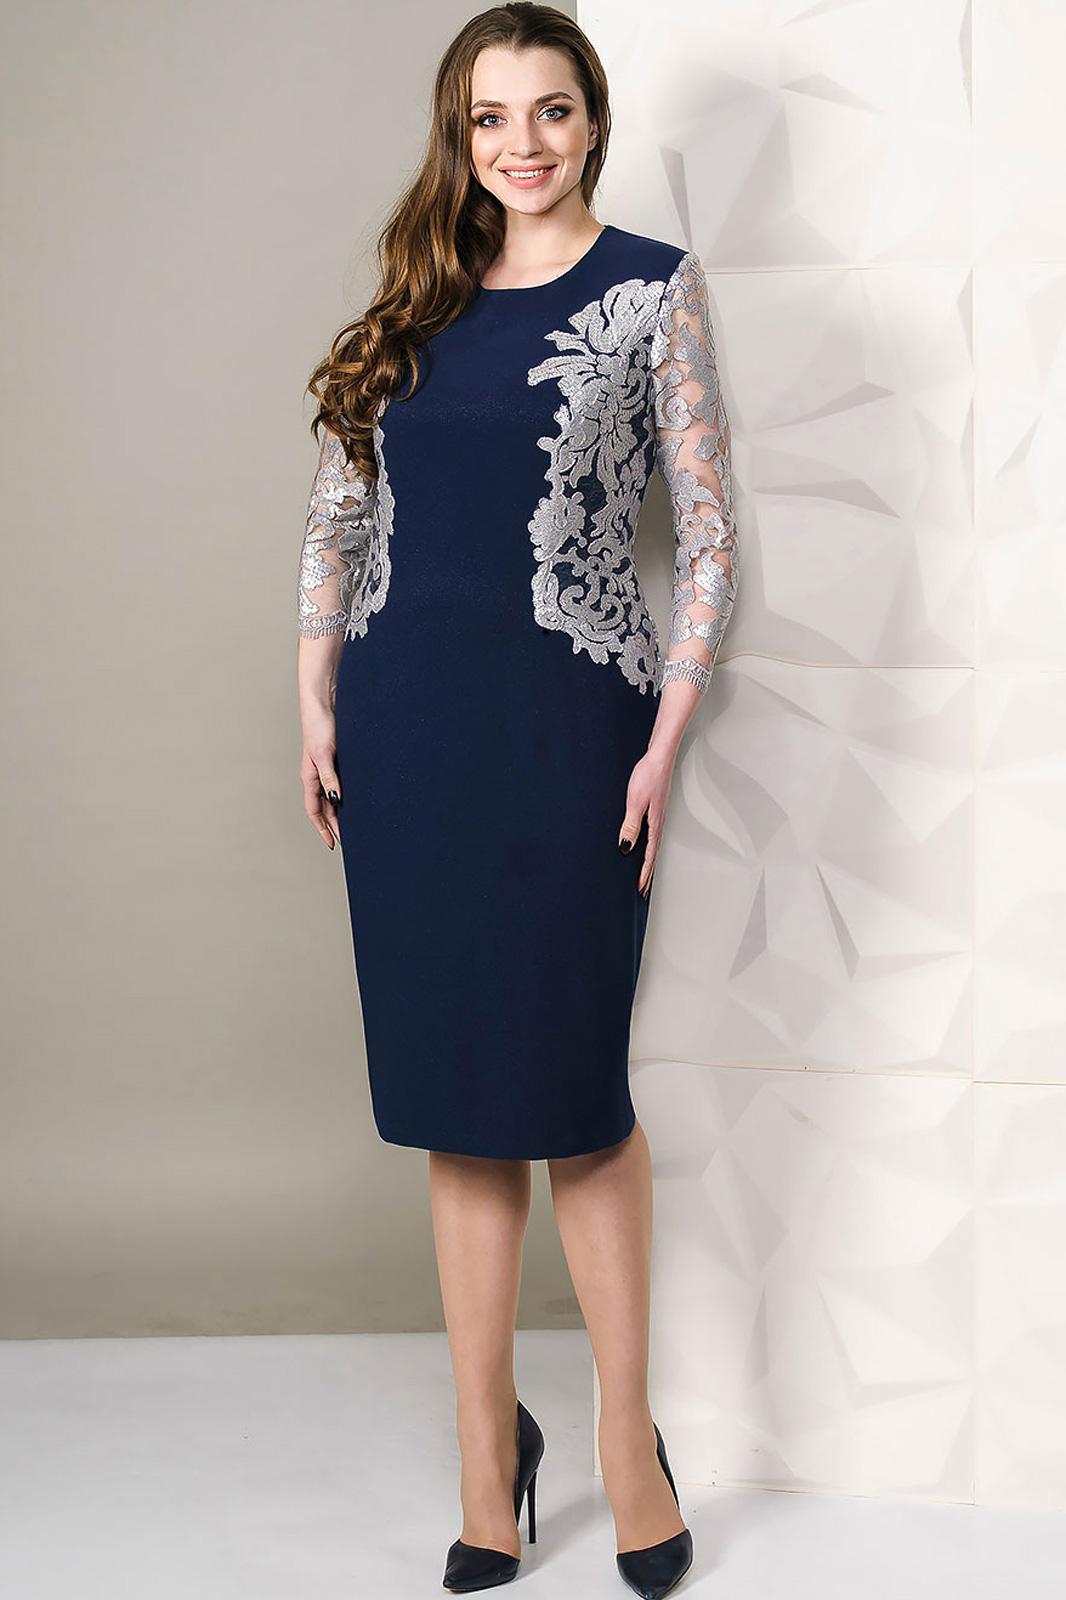 Купить Платье Golden Valley, 4451 тёмно-синий с белым, Беларусь